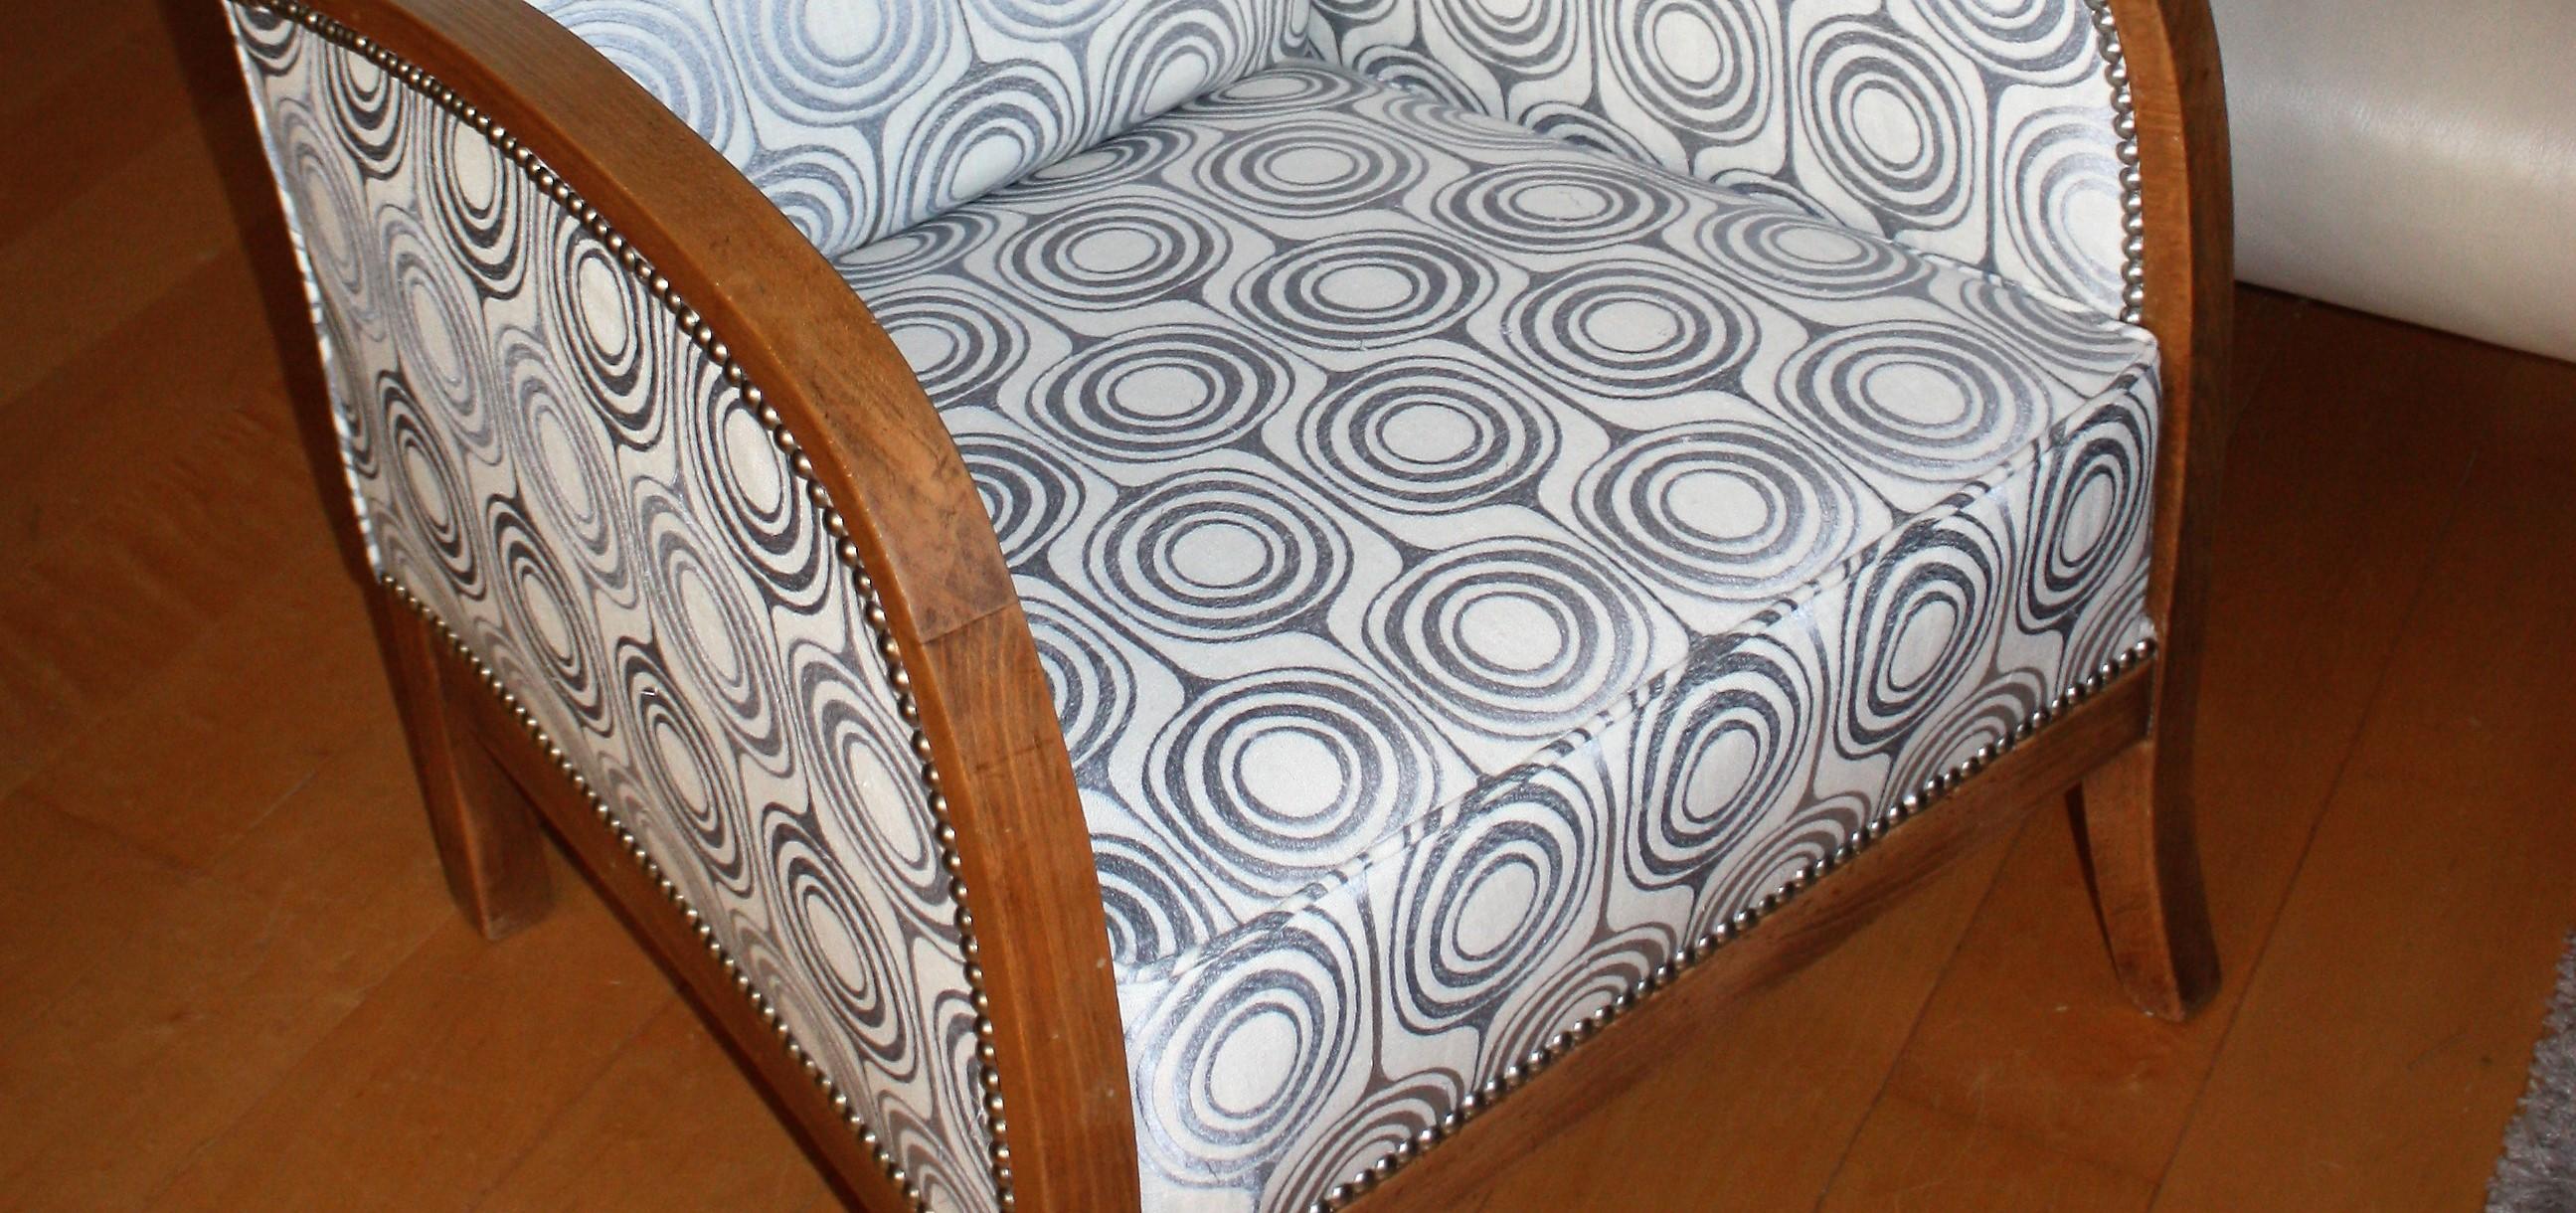 Restaurer Fauteuil Voltaire Moderne custhomize, tapissier d'ameublement et vente de tissus à